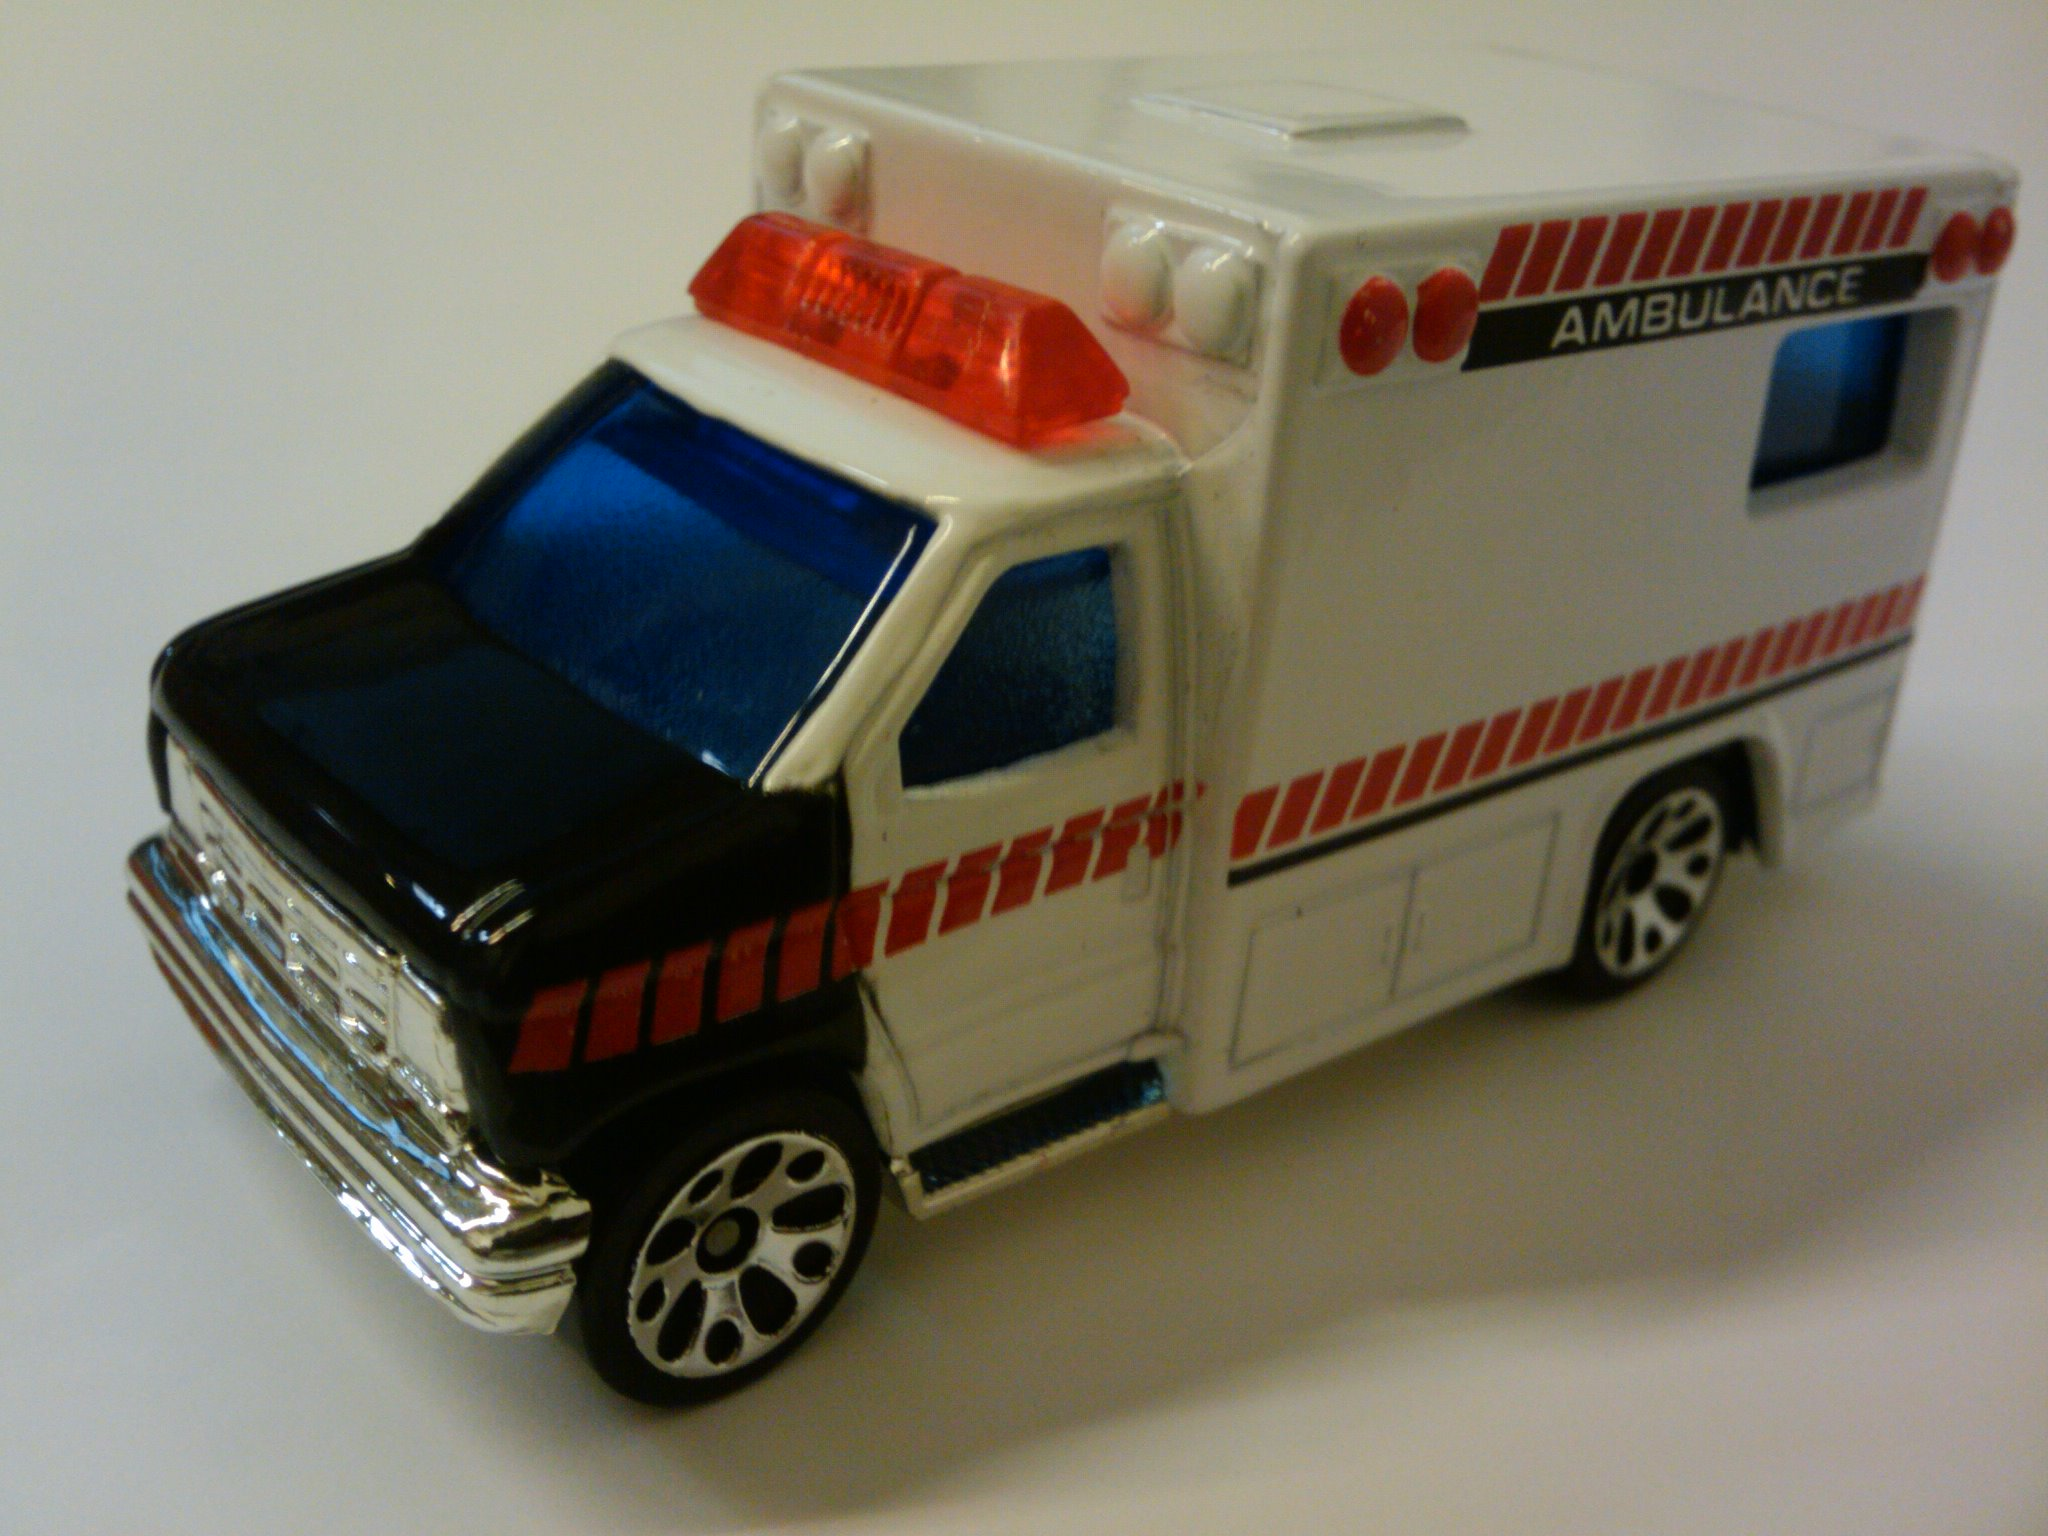 Ambulance (1996)